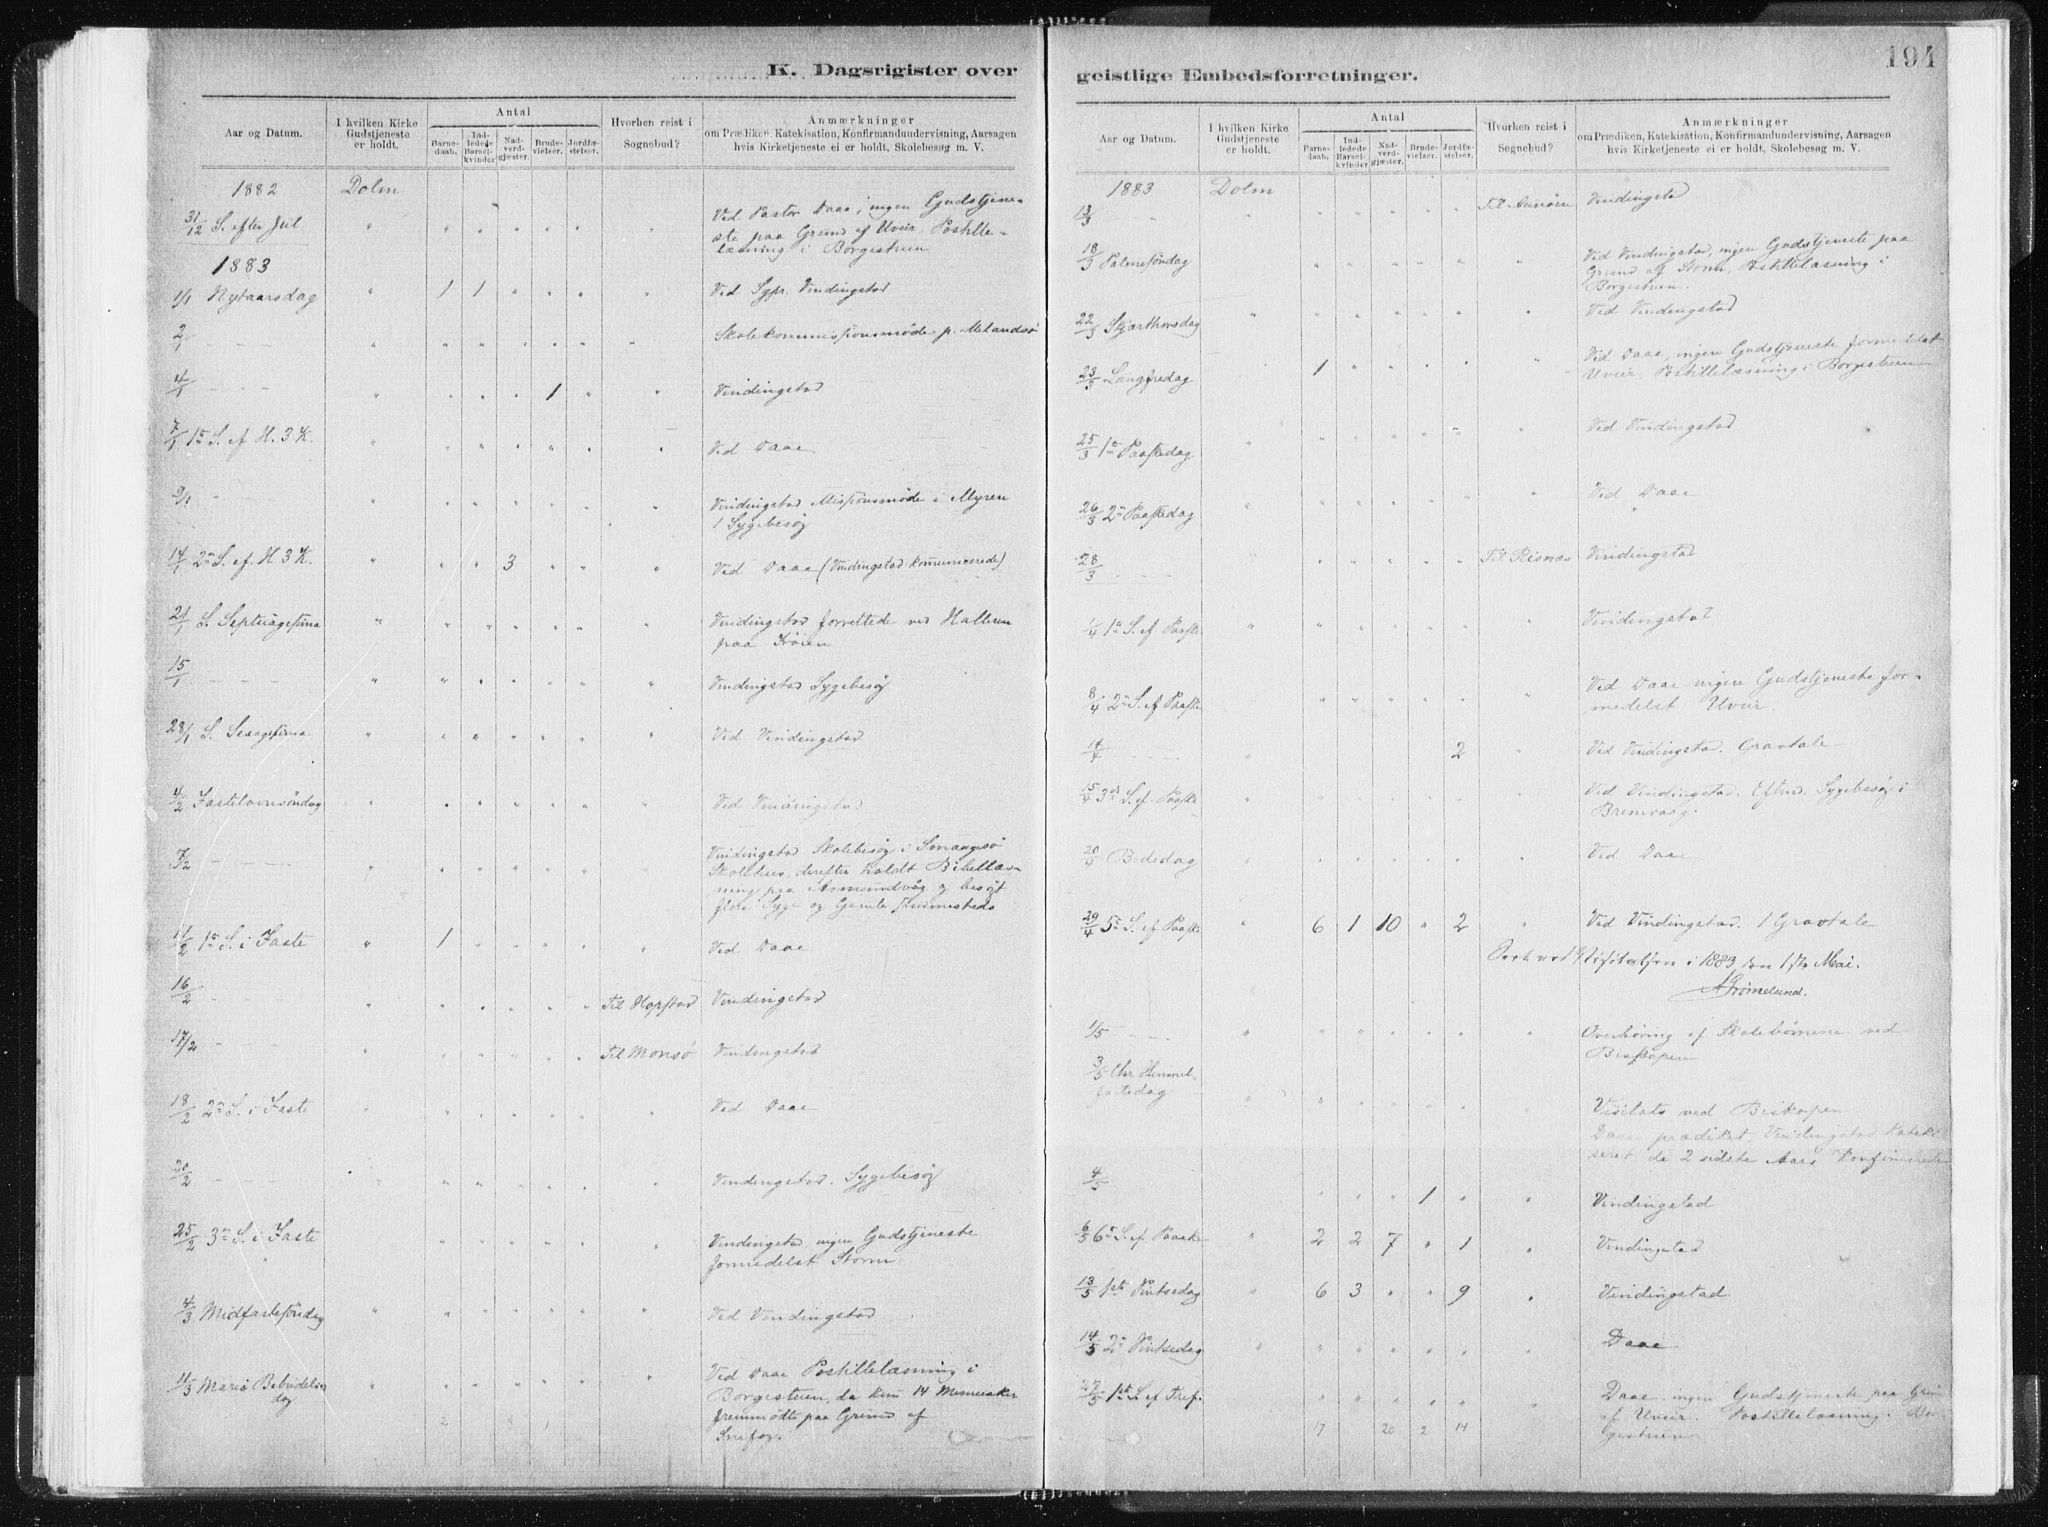 SAT, Ministerialprotokoller, klokkerbøker og fødselsregistre - Sør-Trøndelag, 634/L0533: Ministerialbok nr. 634A09, 1882-1901, s. 194